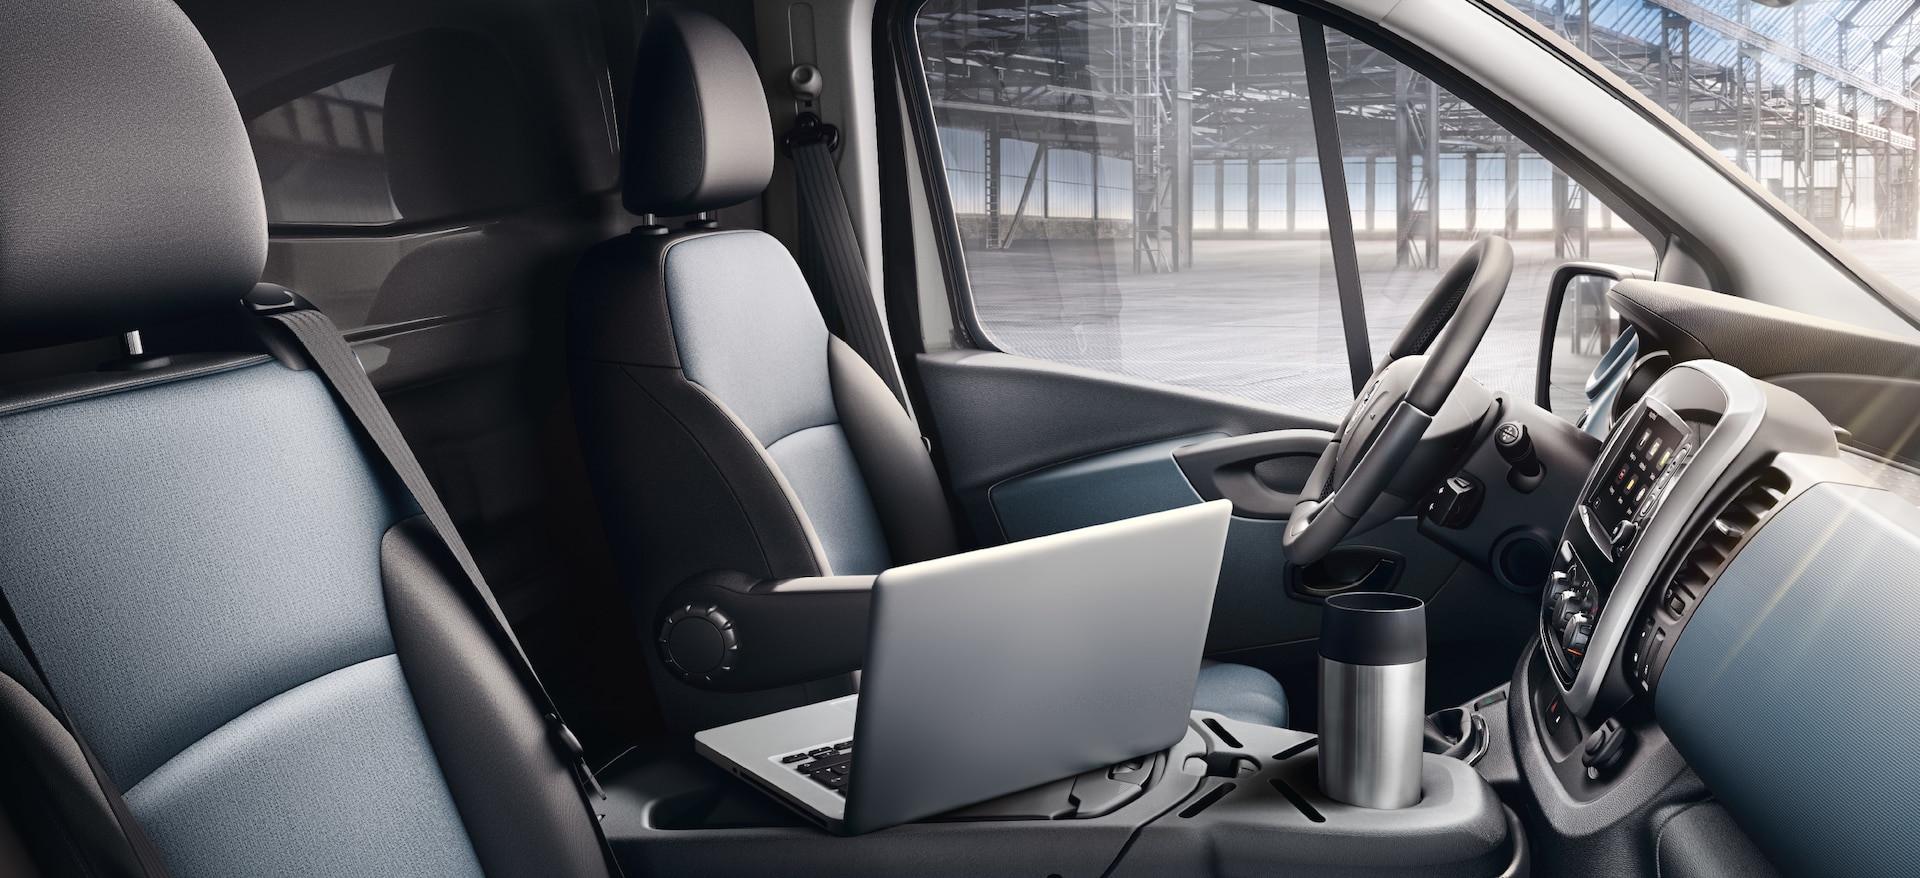 Opel_Vivaro_21x9_vi15_i01_718.jpg